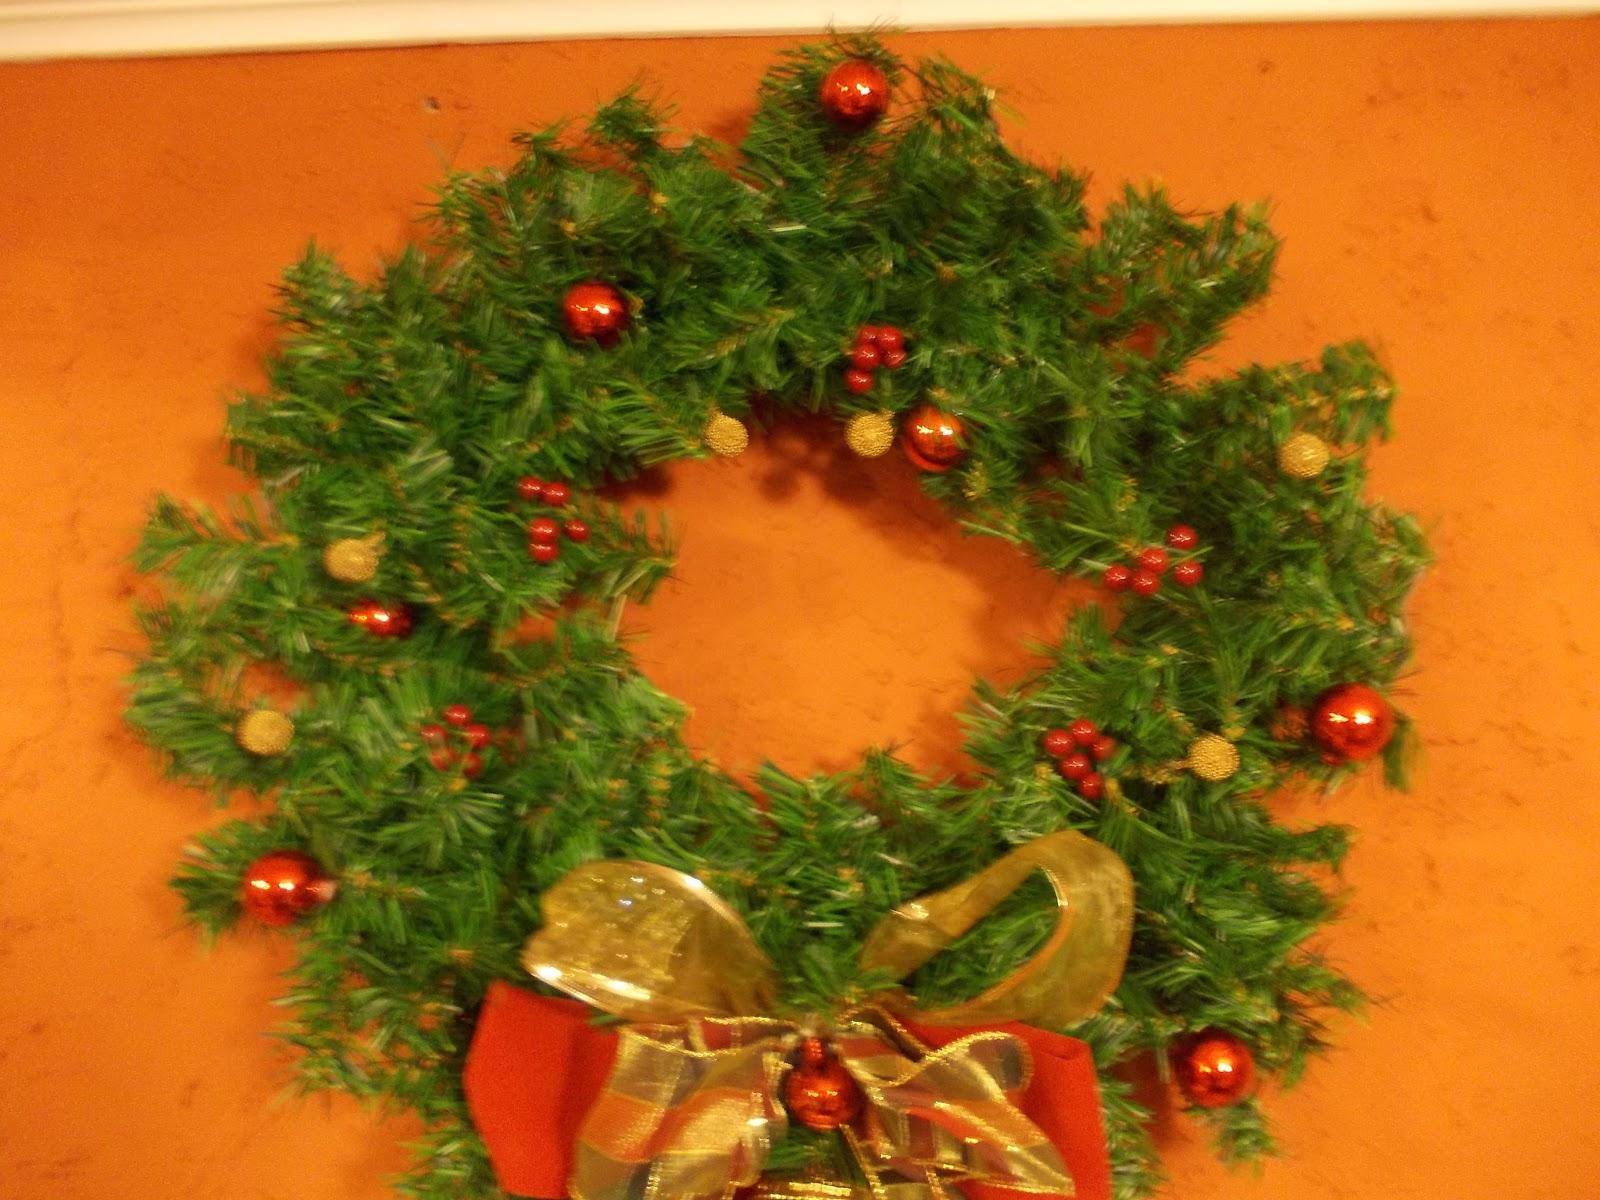 Adornos Y Regalos De Navidad Corona Con Campana Colgante